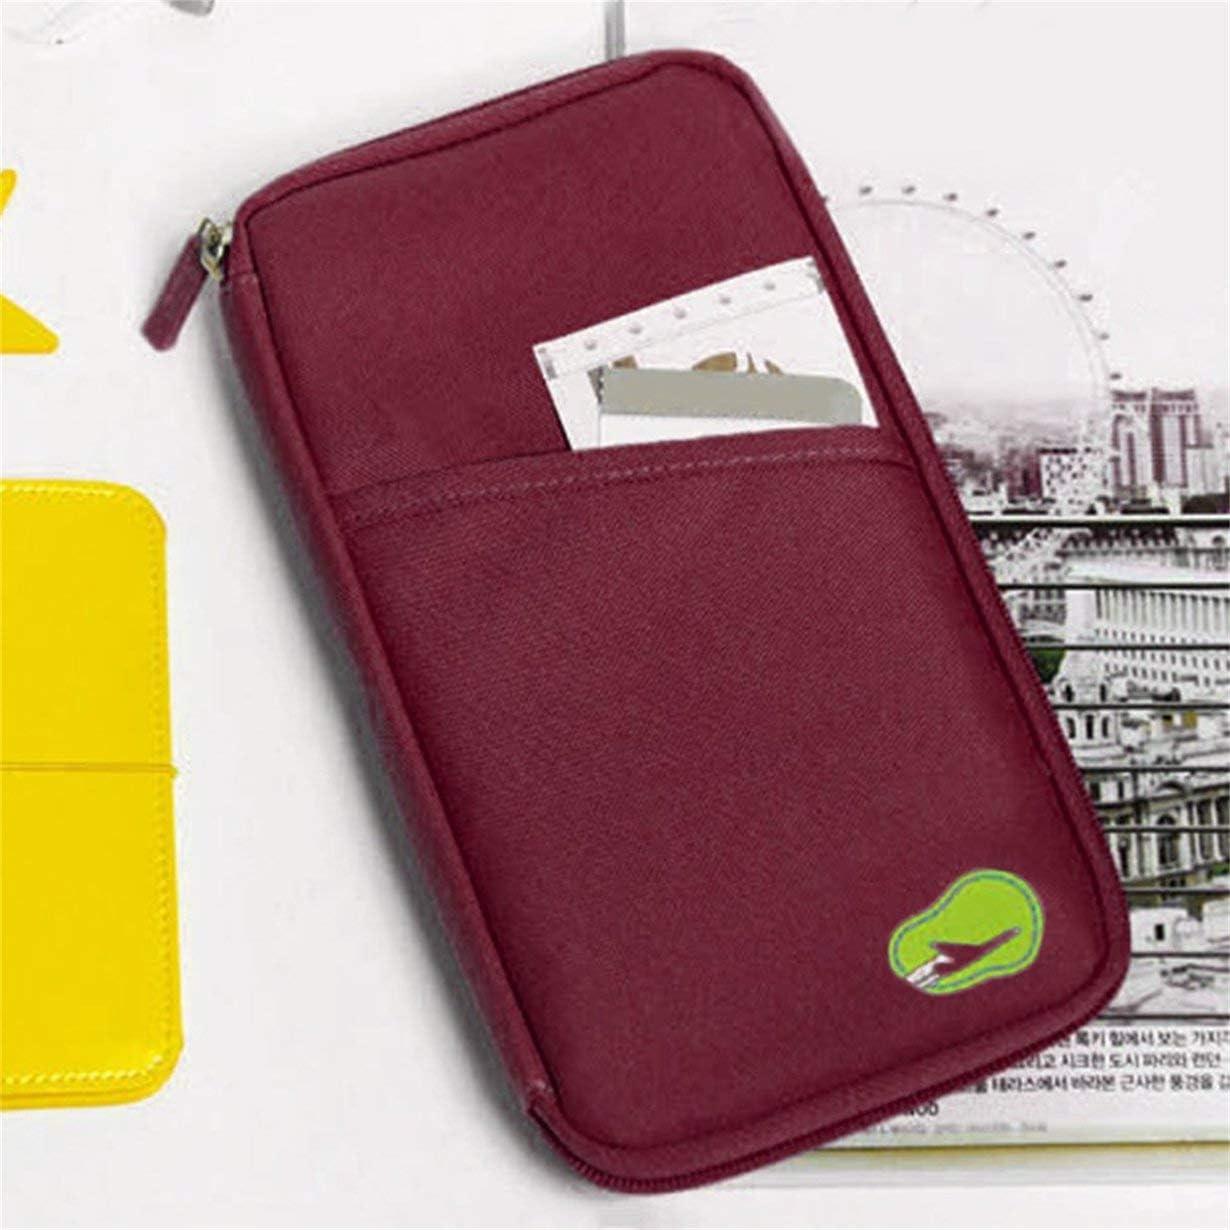 Vert camellia/® Sac de Carte Titulaire de la Carte Voyage Unisexe Couverture du Passeport Multifonction Titulaire de la Carte de cr/édit ID de Stockage Organisateur Sac dargent